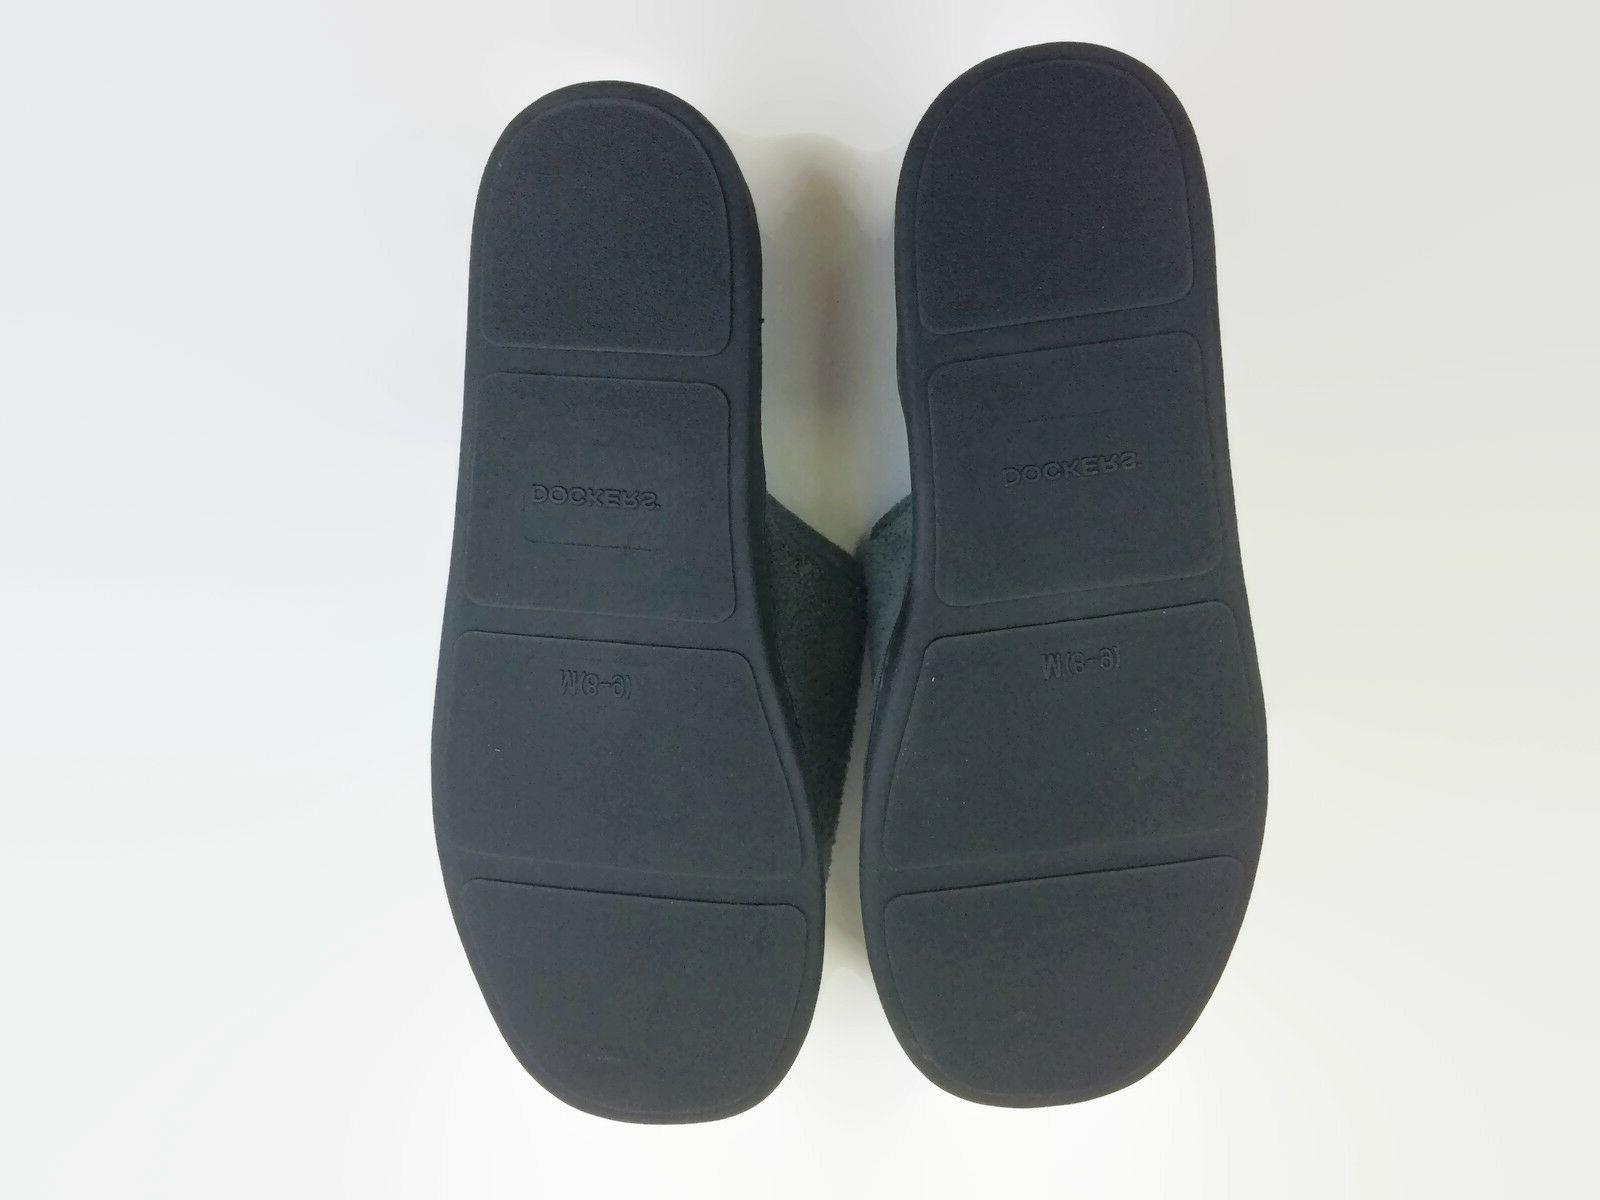 Dockers Slide Slippers Foam